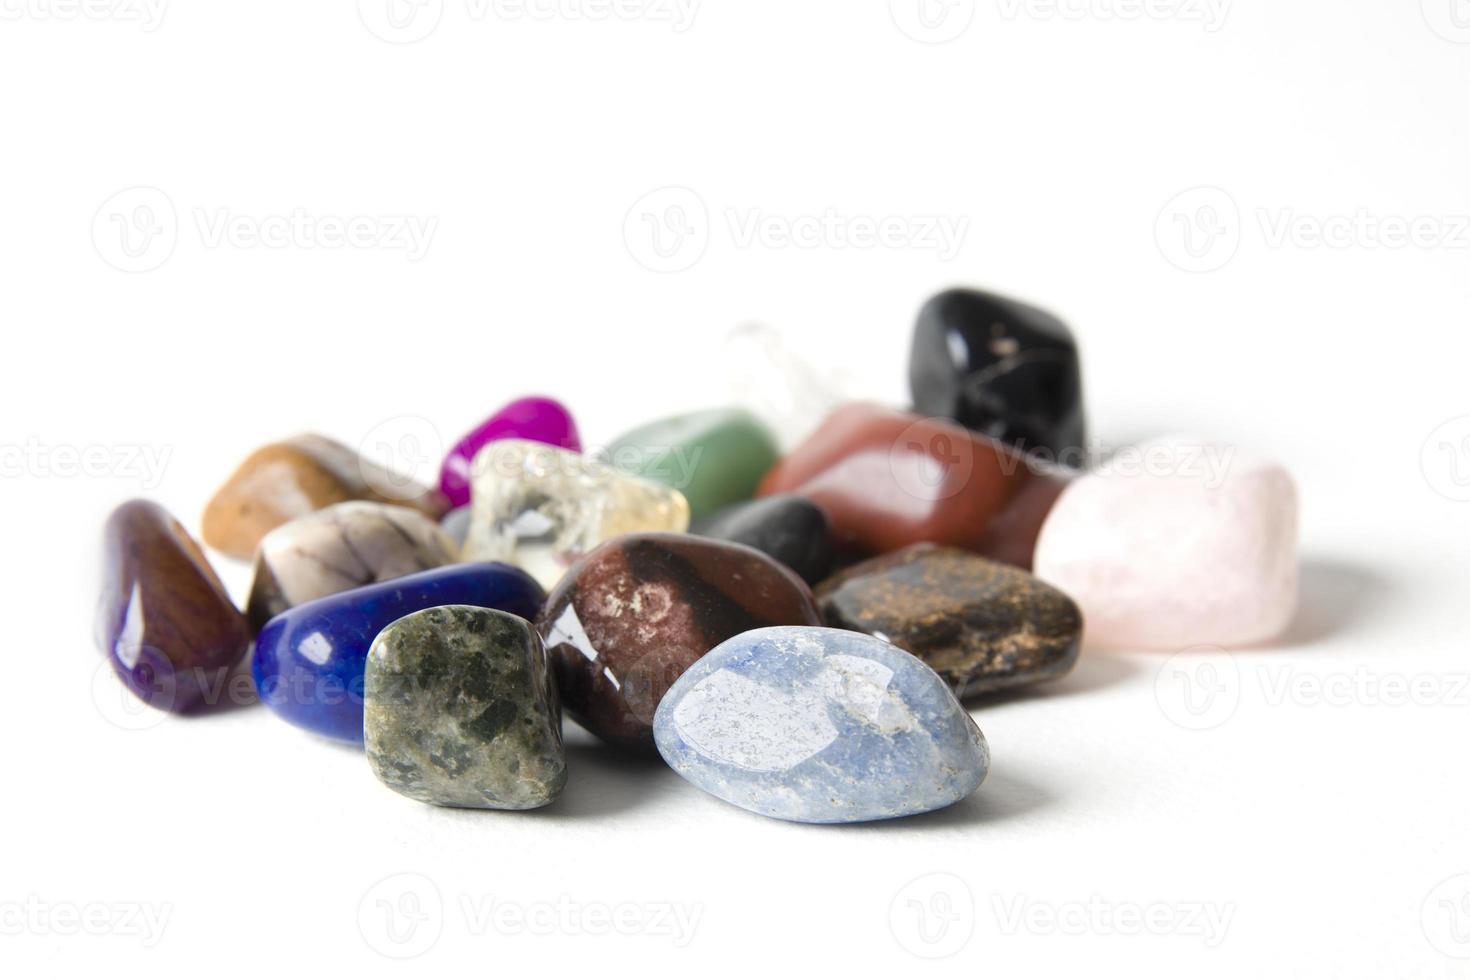 groupe de minéraux sur fond blanc photo